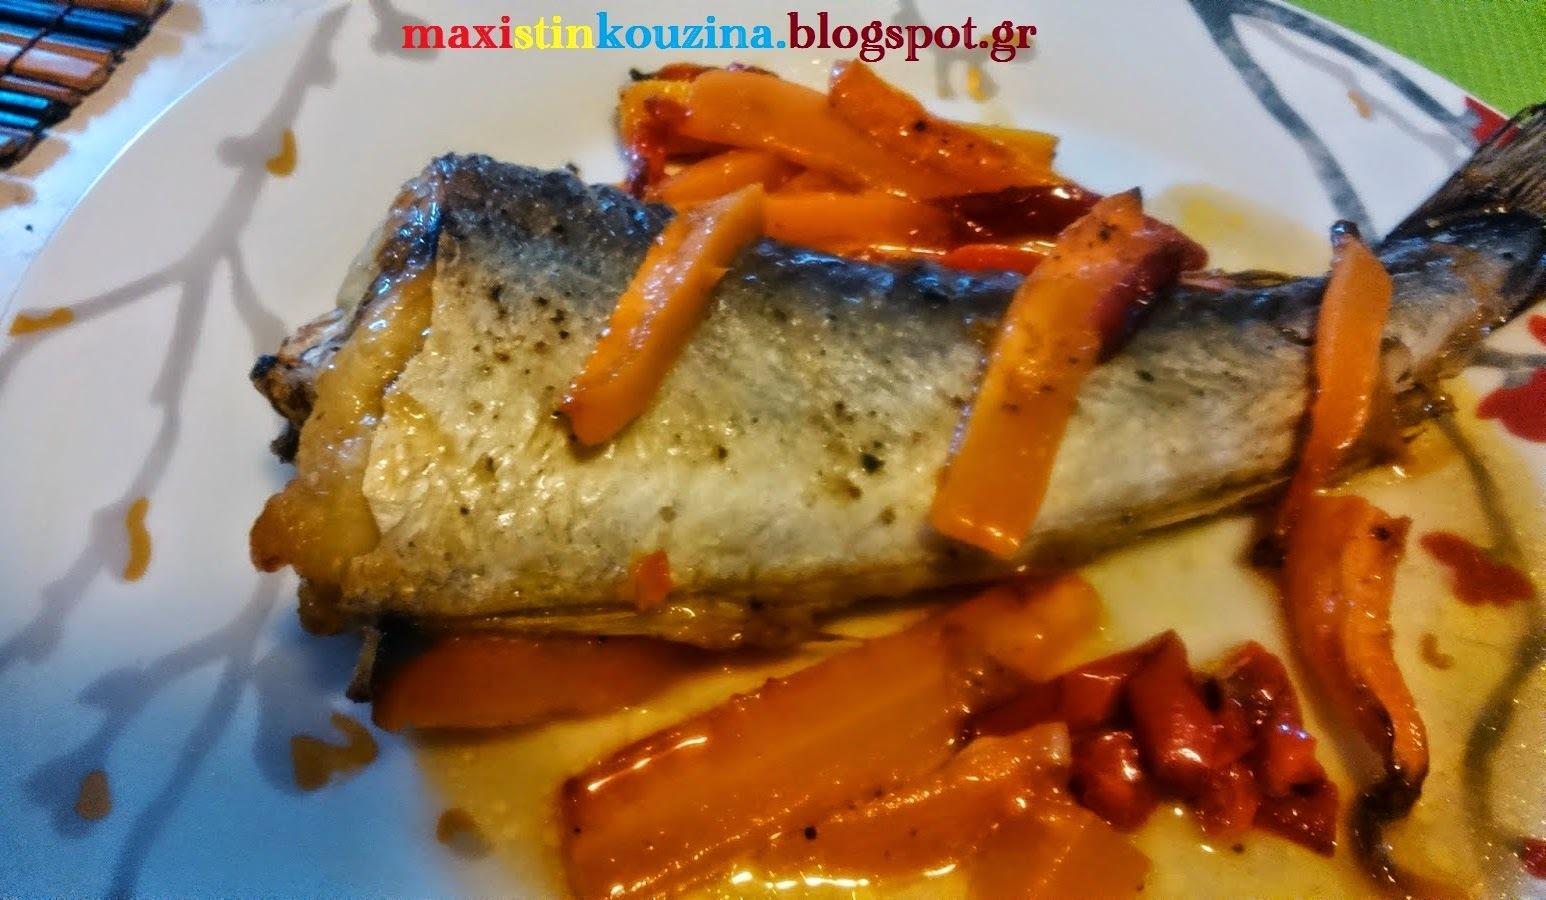 Ψάρι Στο Φούρνο Σαν Ψητό, Με Λαχανικά